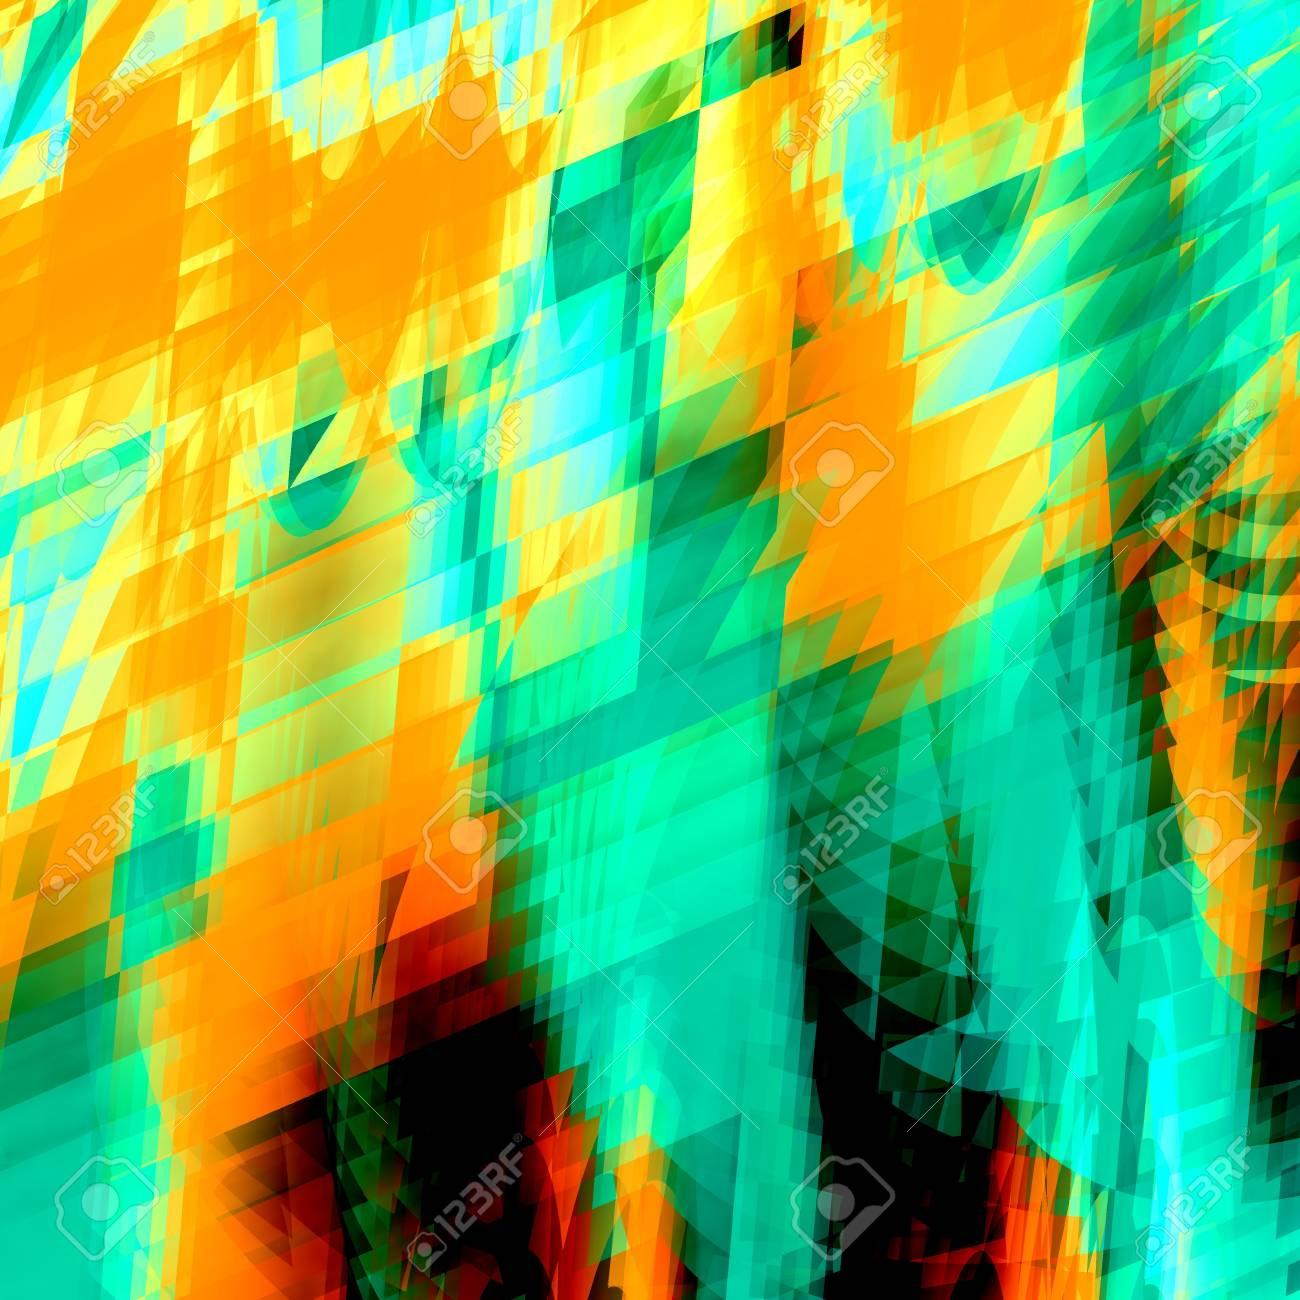 抽象的なテクスチャ背景 創造的な未来的なレイアウト デザイン 幻想的なイラストと Web サイトの壁紙またはテクスチャ の写真素材 画像素材 Image